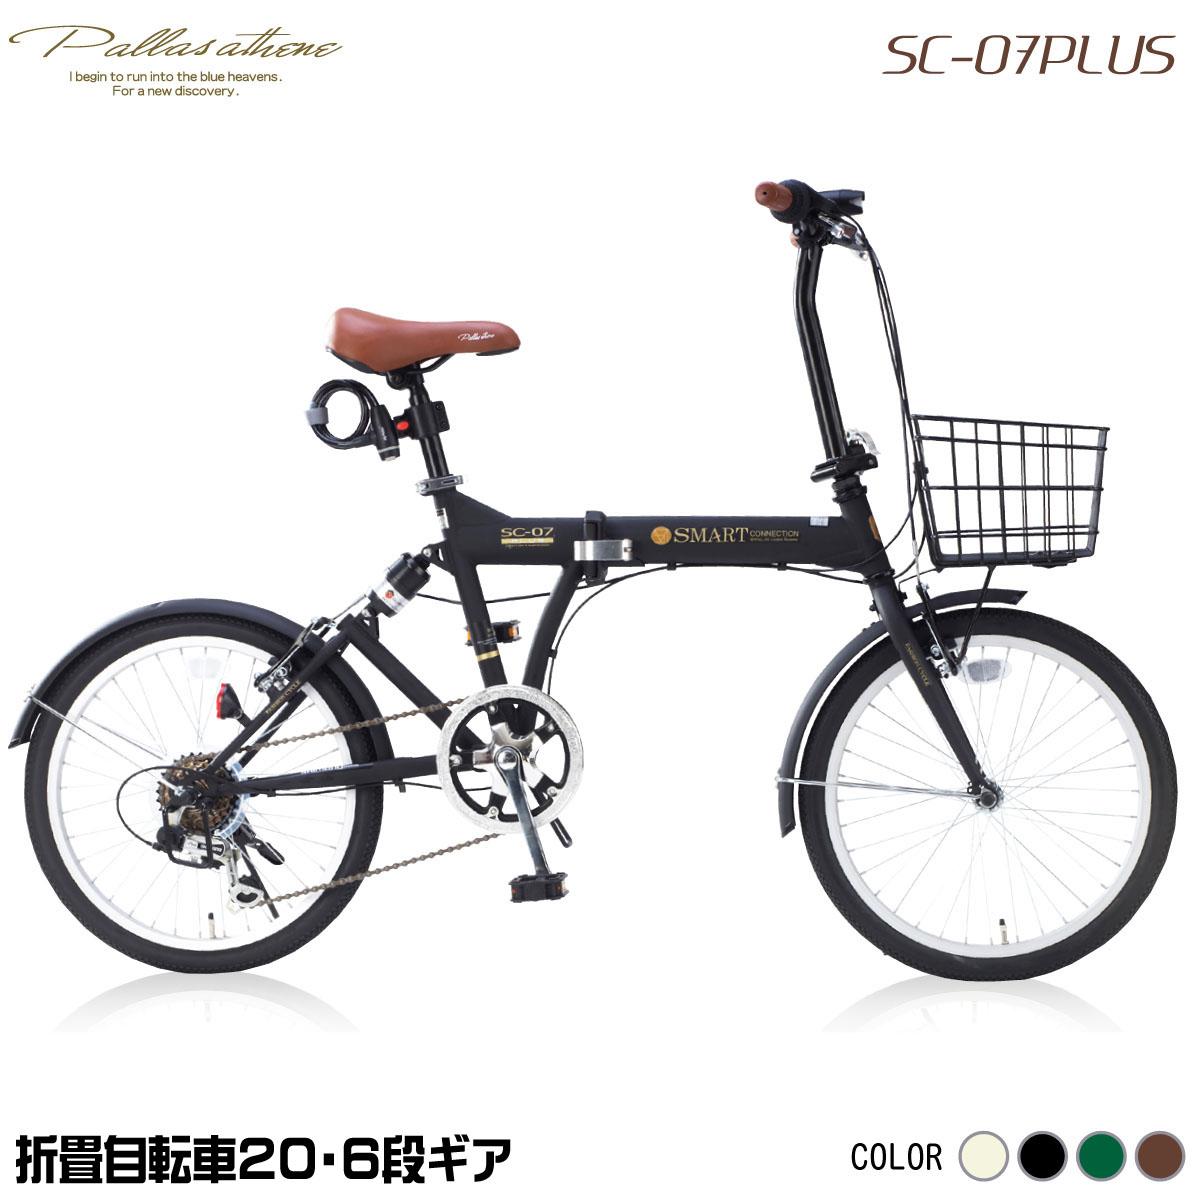 【送料無料】マイパラス SC-07PLUS-BK マットブラック [折りたたみ自転車(20インチ・6段変速)]【同梱配送不可】【代引き不可】【本州以外の配送不可】